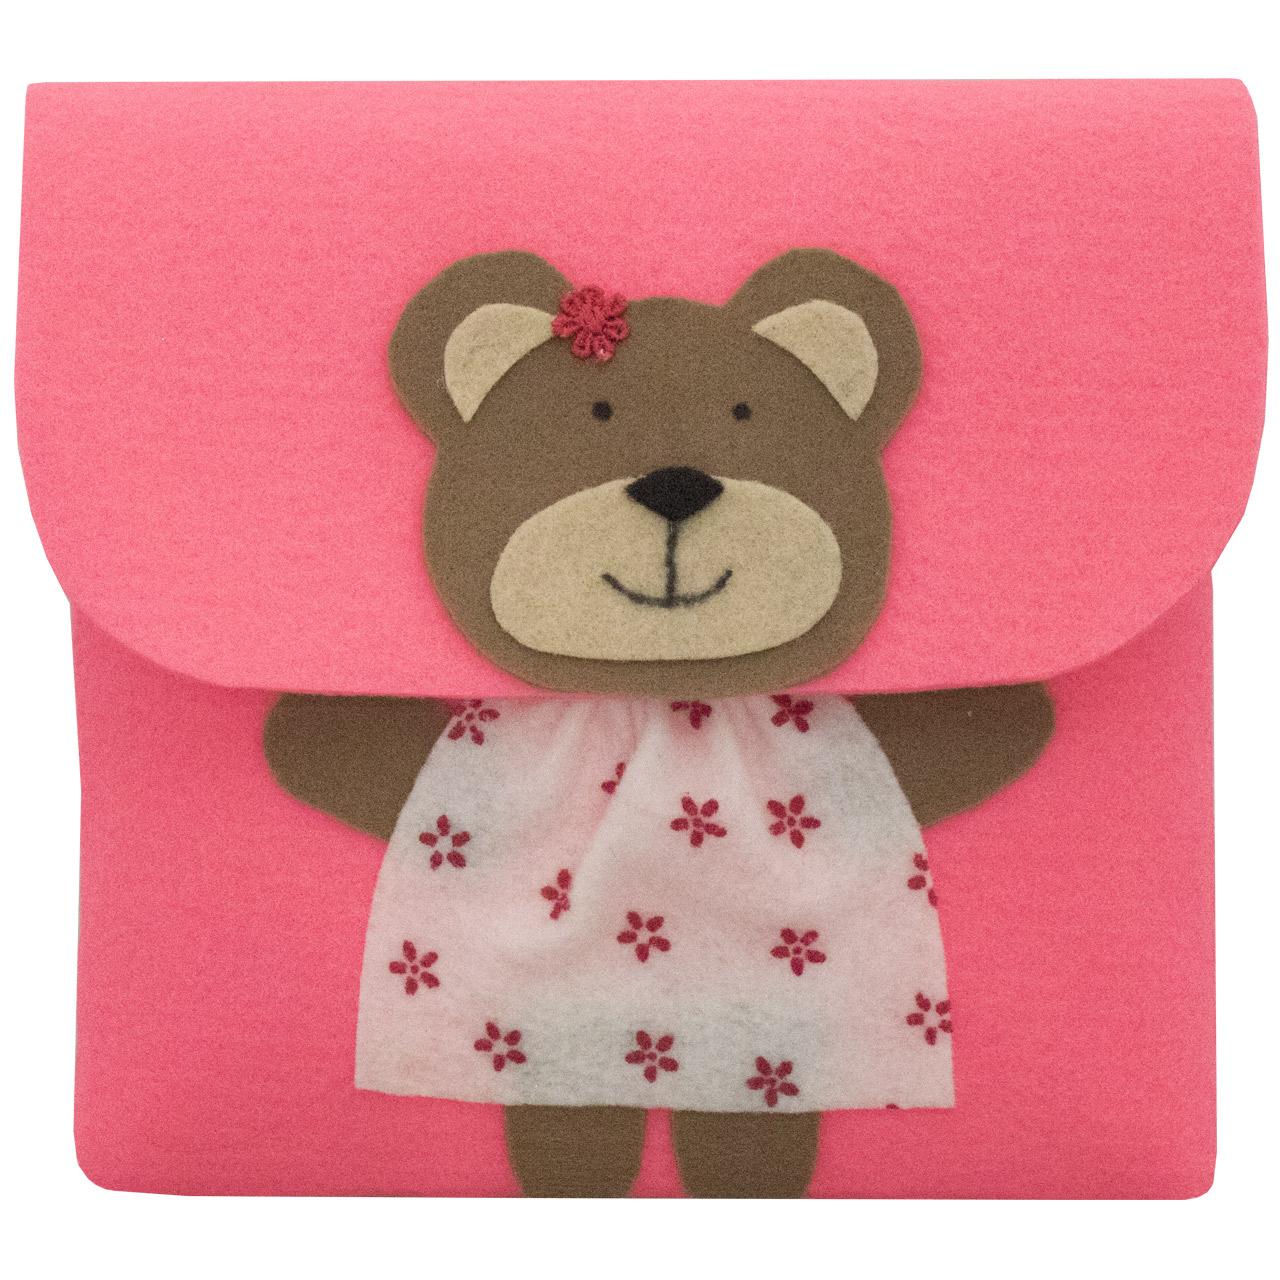 کیف دخترانه طرح خرس مدل Bg-45